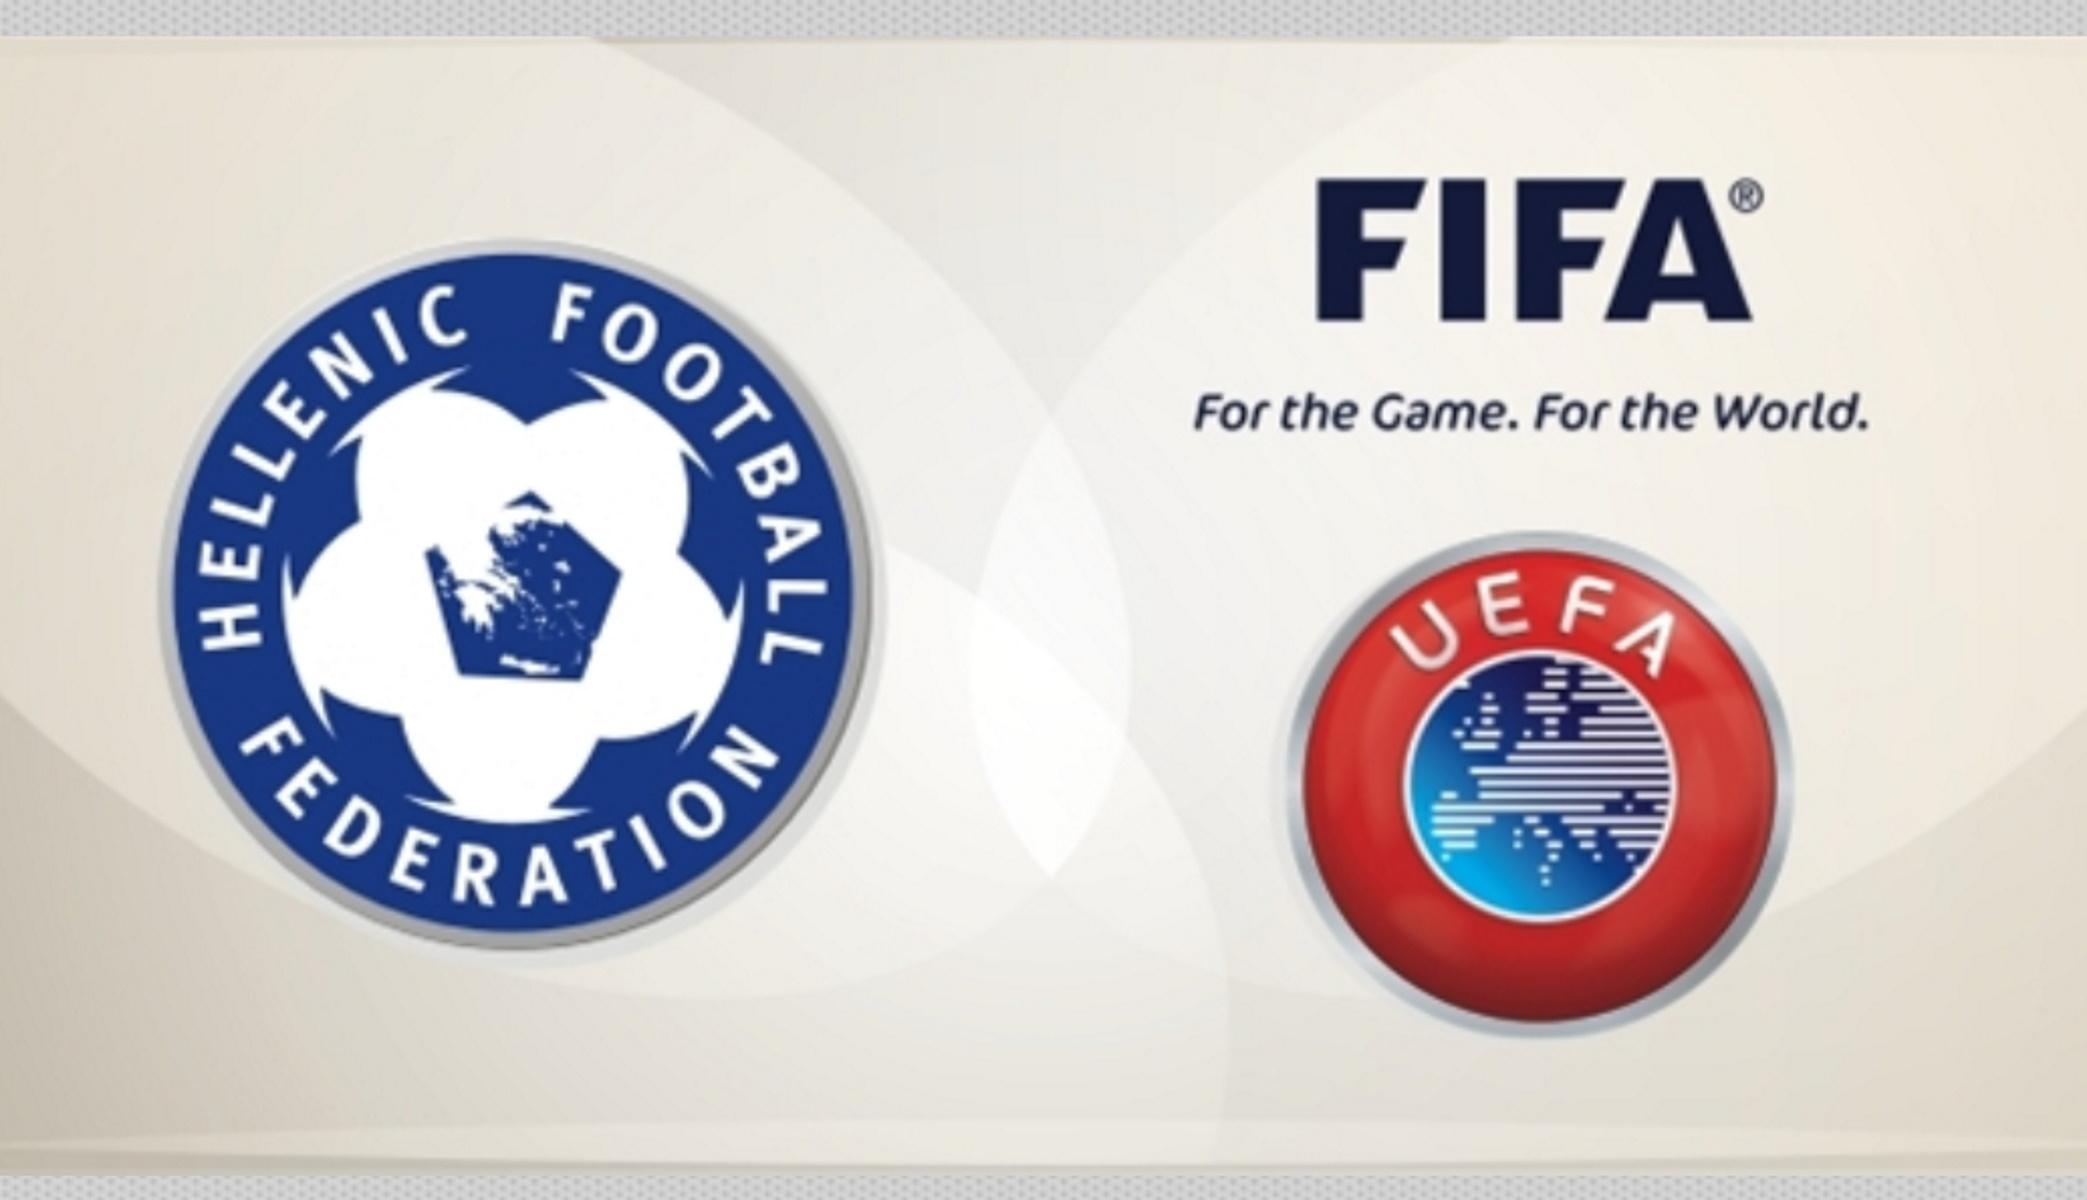 ΕΠΟ FIFA UEFA